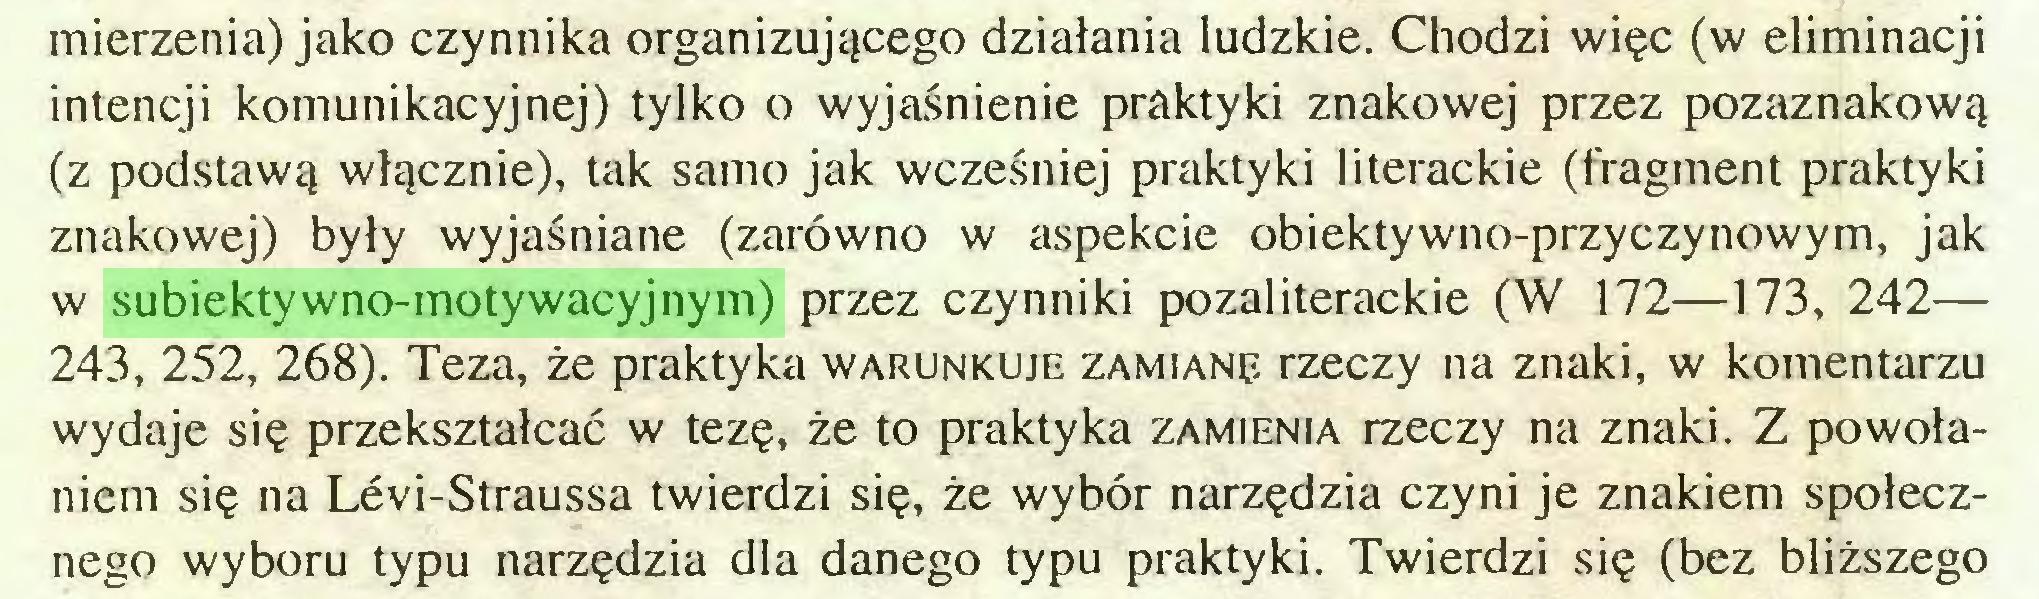 (...) mierzenia) jako czynnika organizującego działania ludzkie. Chodzi więc (w eliminacji intencji komunikacyjnej) tylko o wyjaśnienie praktyki znakowej przez pozaznakową (z podstawą włącznie), tak samo jak wcześniej praktyki literackie (fragment praktyki znakowej) były wyjaśniane (zarówno w aspekcie obiektywno-przyczynowym, jak w subiektywno-motywacyjnym) przez czynniki pozaliterackie (W 172—173, 242— 243, 252, 268). Teza, że praktyka warunkuje zamianę rzeczy na znaki, w komentarzu wydaje się przekształcać w tezę, że to praktyka zamienia rzeczy na znaki. Z powołaniem się na Levi-Straussa twierdzi się, że wybór narzędzia czyni je znakiem społecznego wyboru typu narzędzia dla danego typu praktyki. Twierdzi się (bez bliższego...